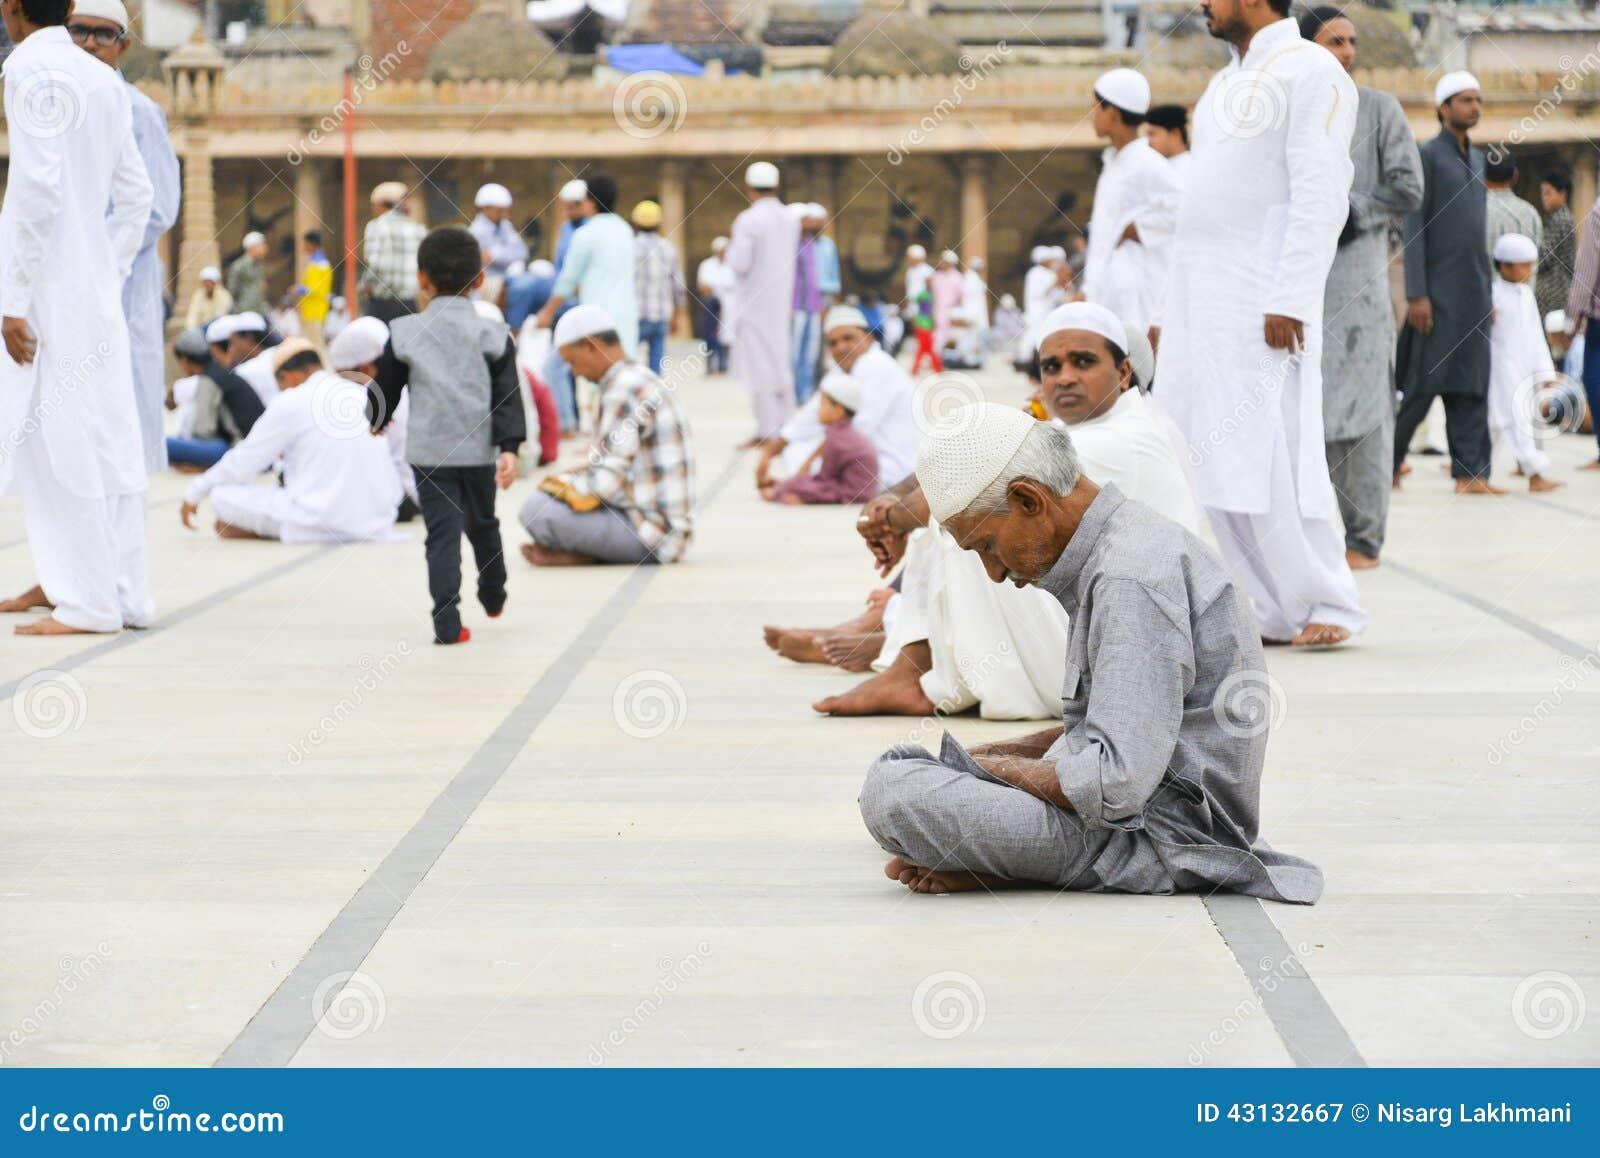 Musulmani che celebrano Eid al-Fitr che segna la conclusione del mese del Ramadan